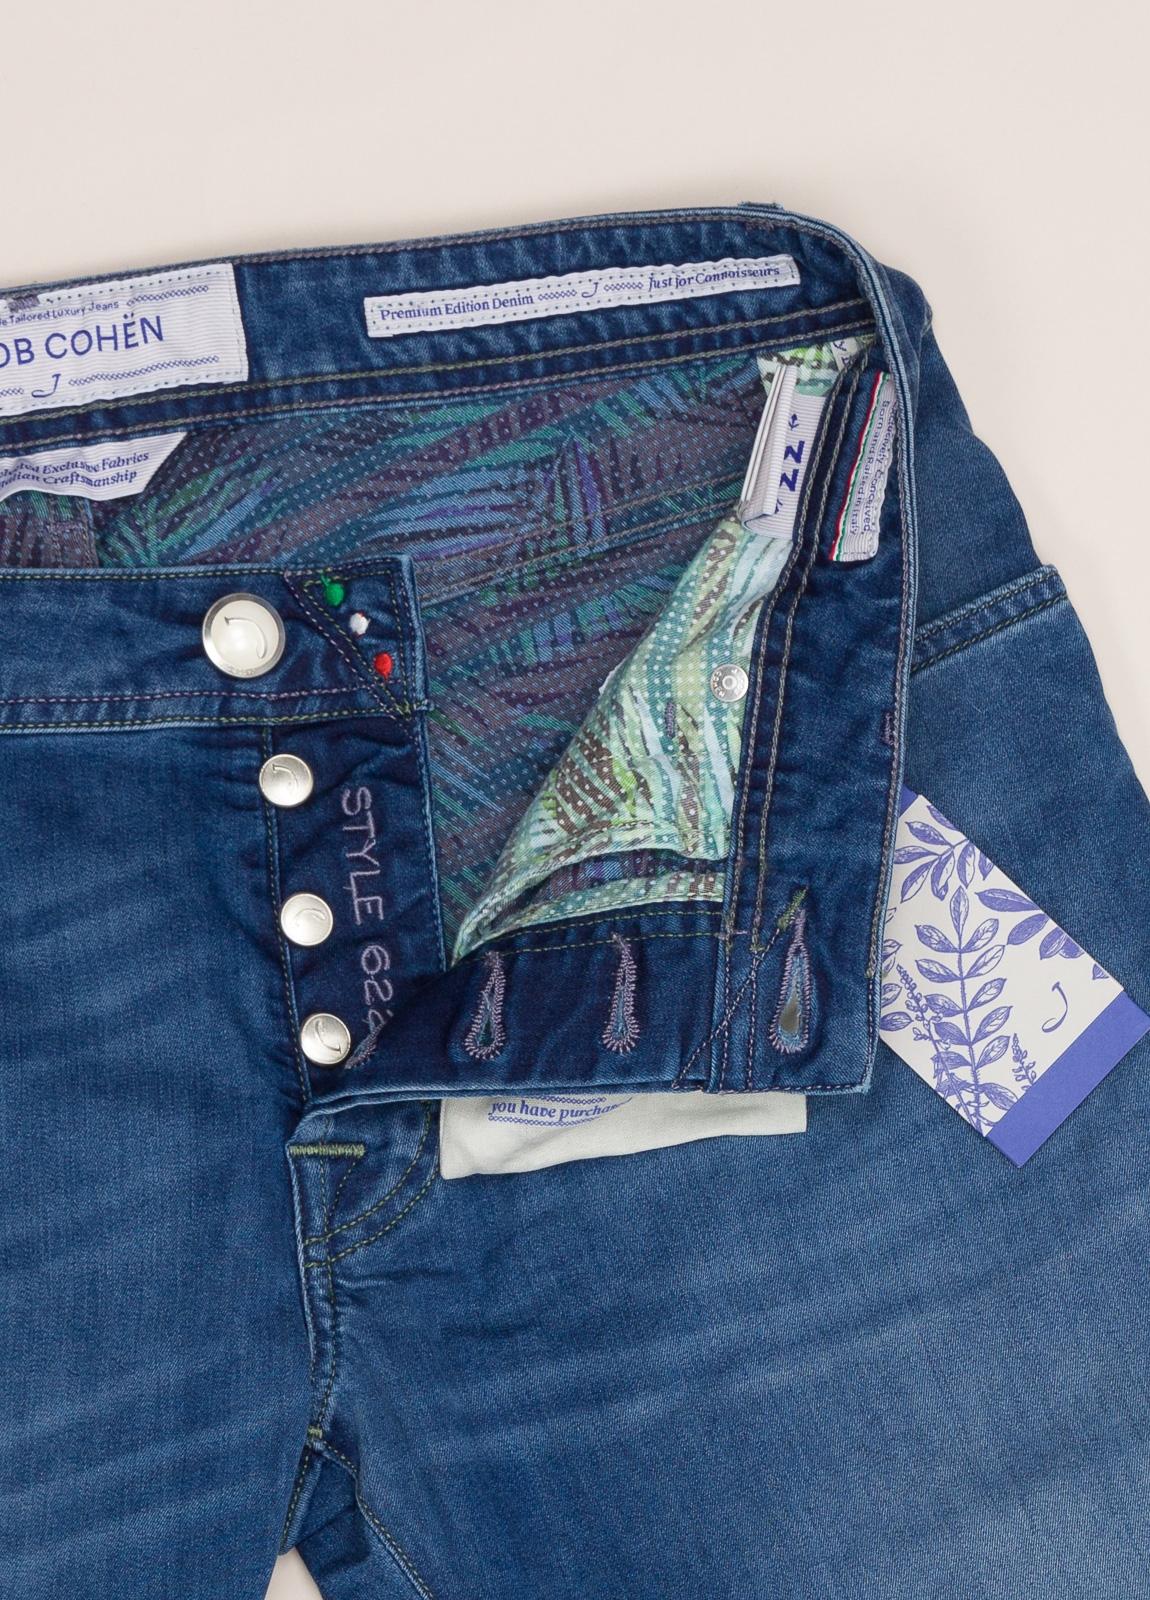 Pantalón tejano JACOB COHEN azul denim - Ítem3